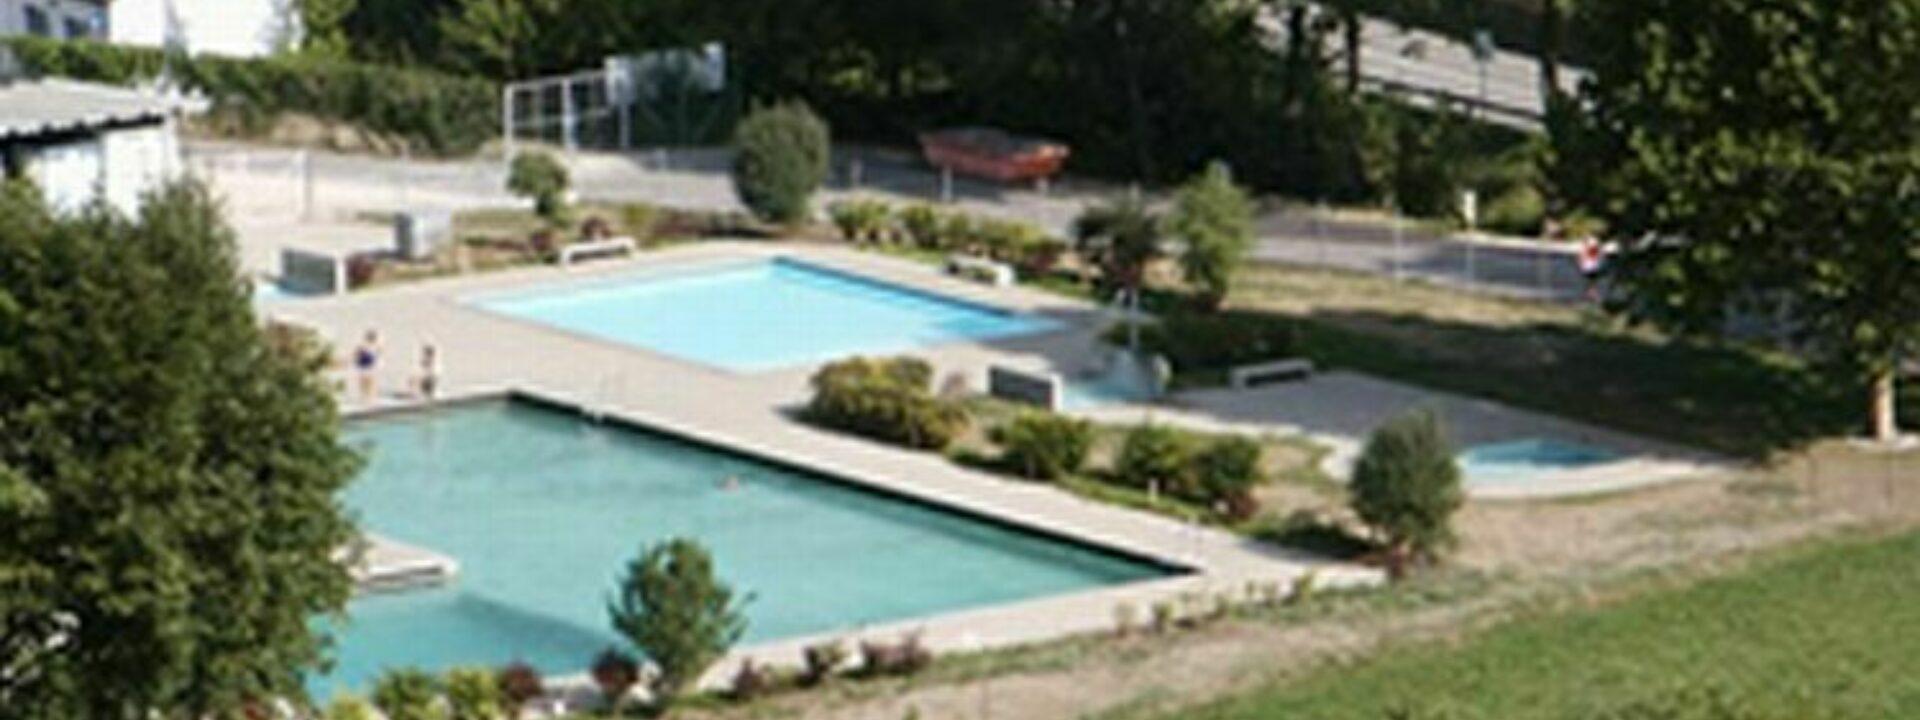 Schwimmbad Buus